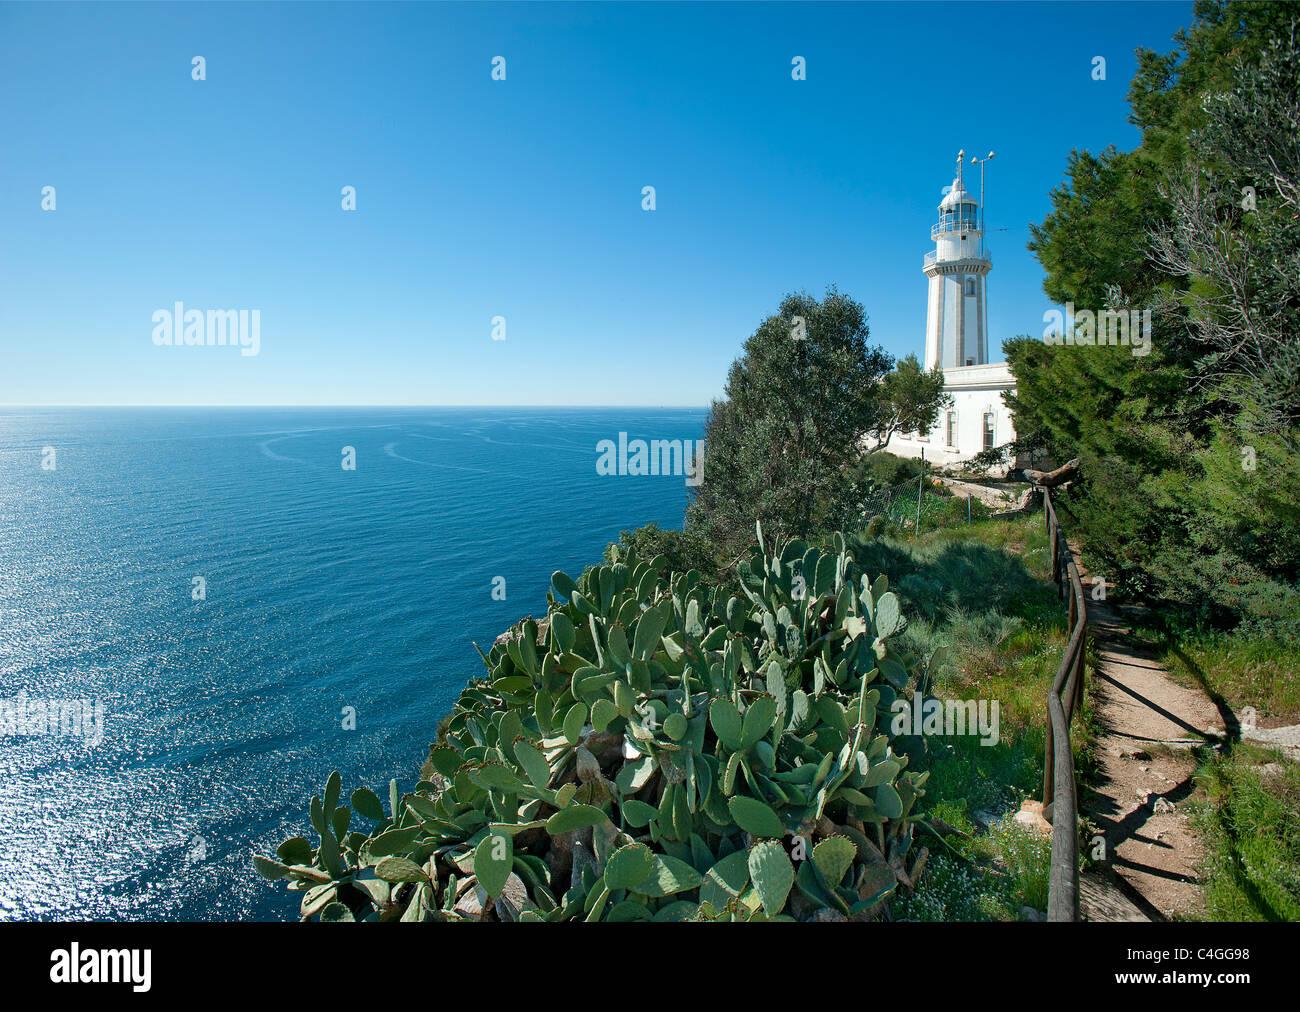 Lighthouse at Cap de la Nau, Javea, Costa Blanca, Spain - Stock Image